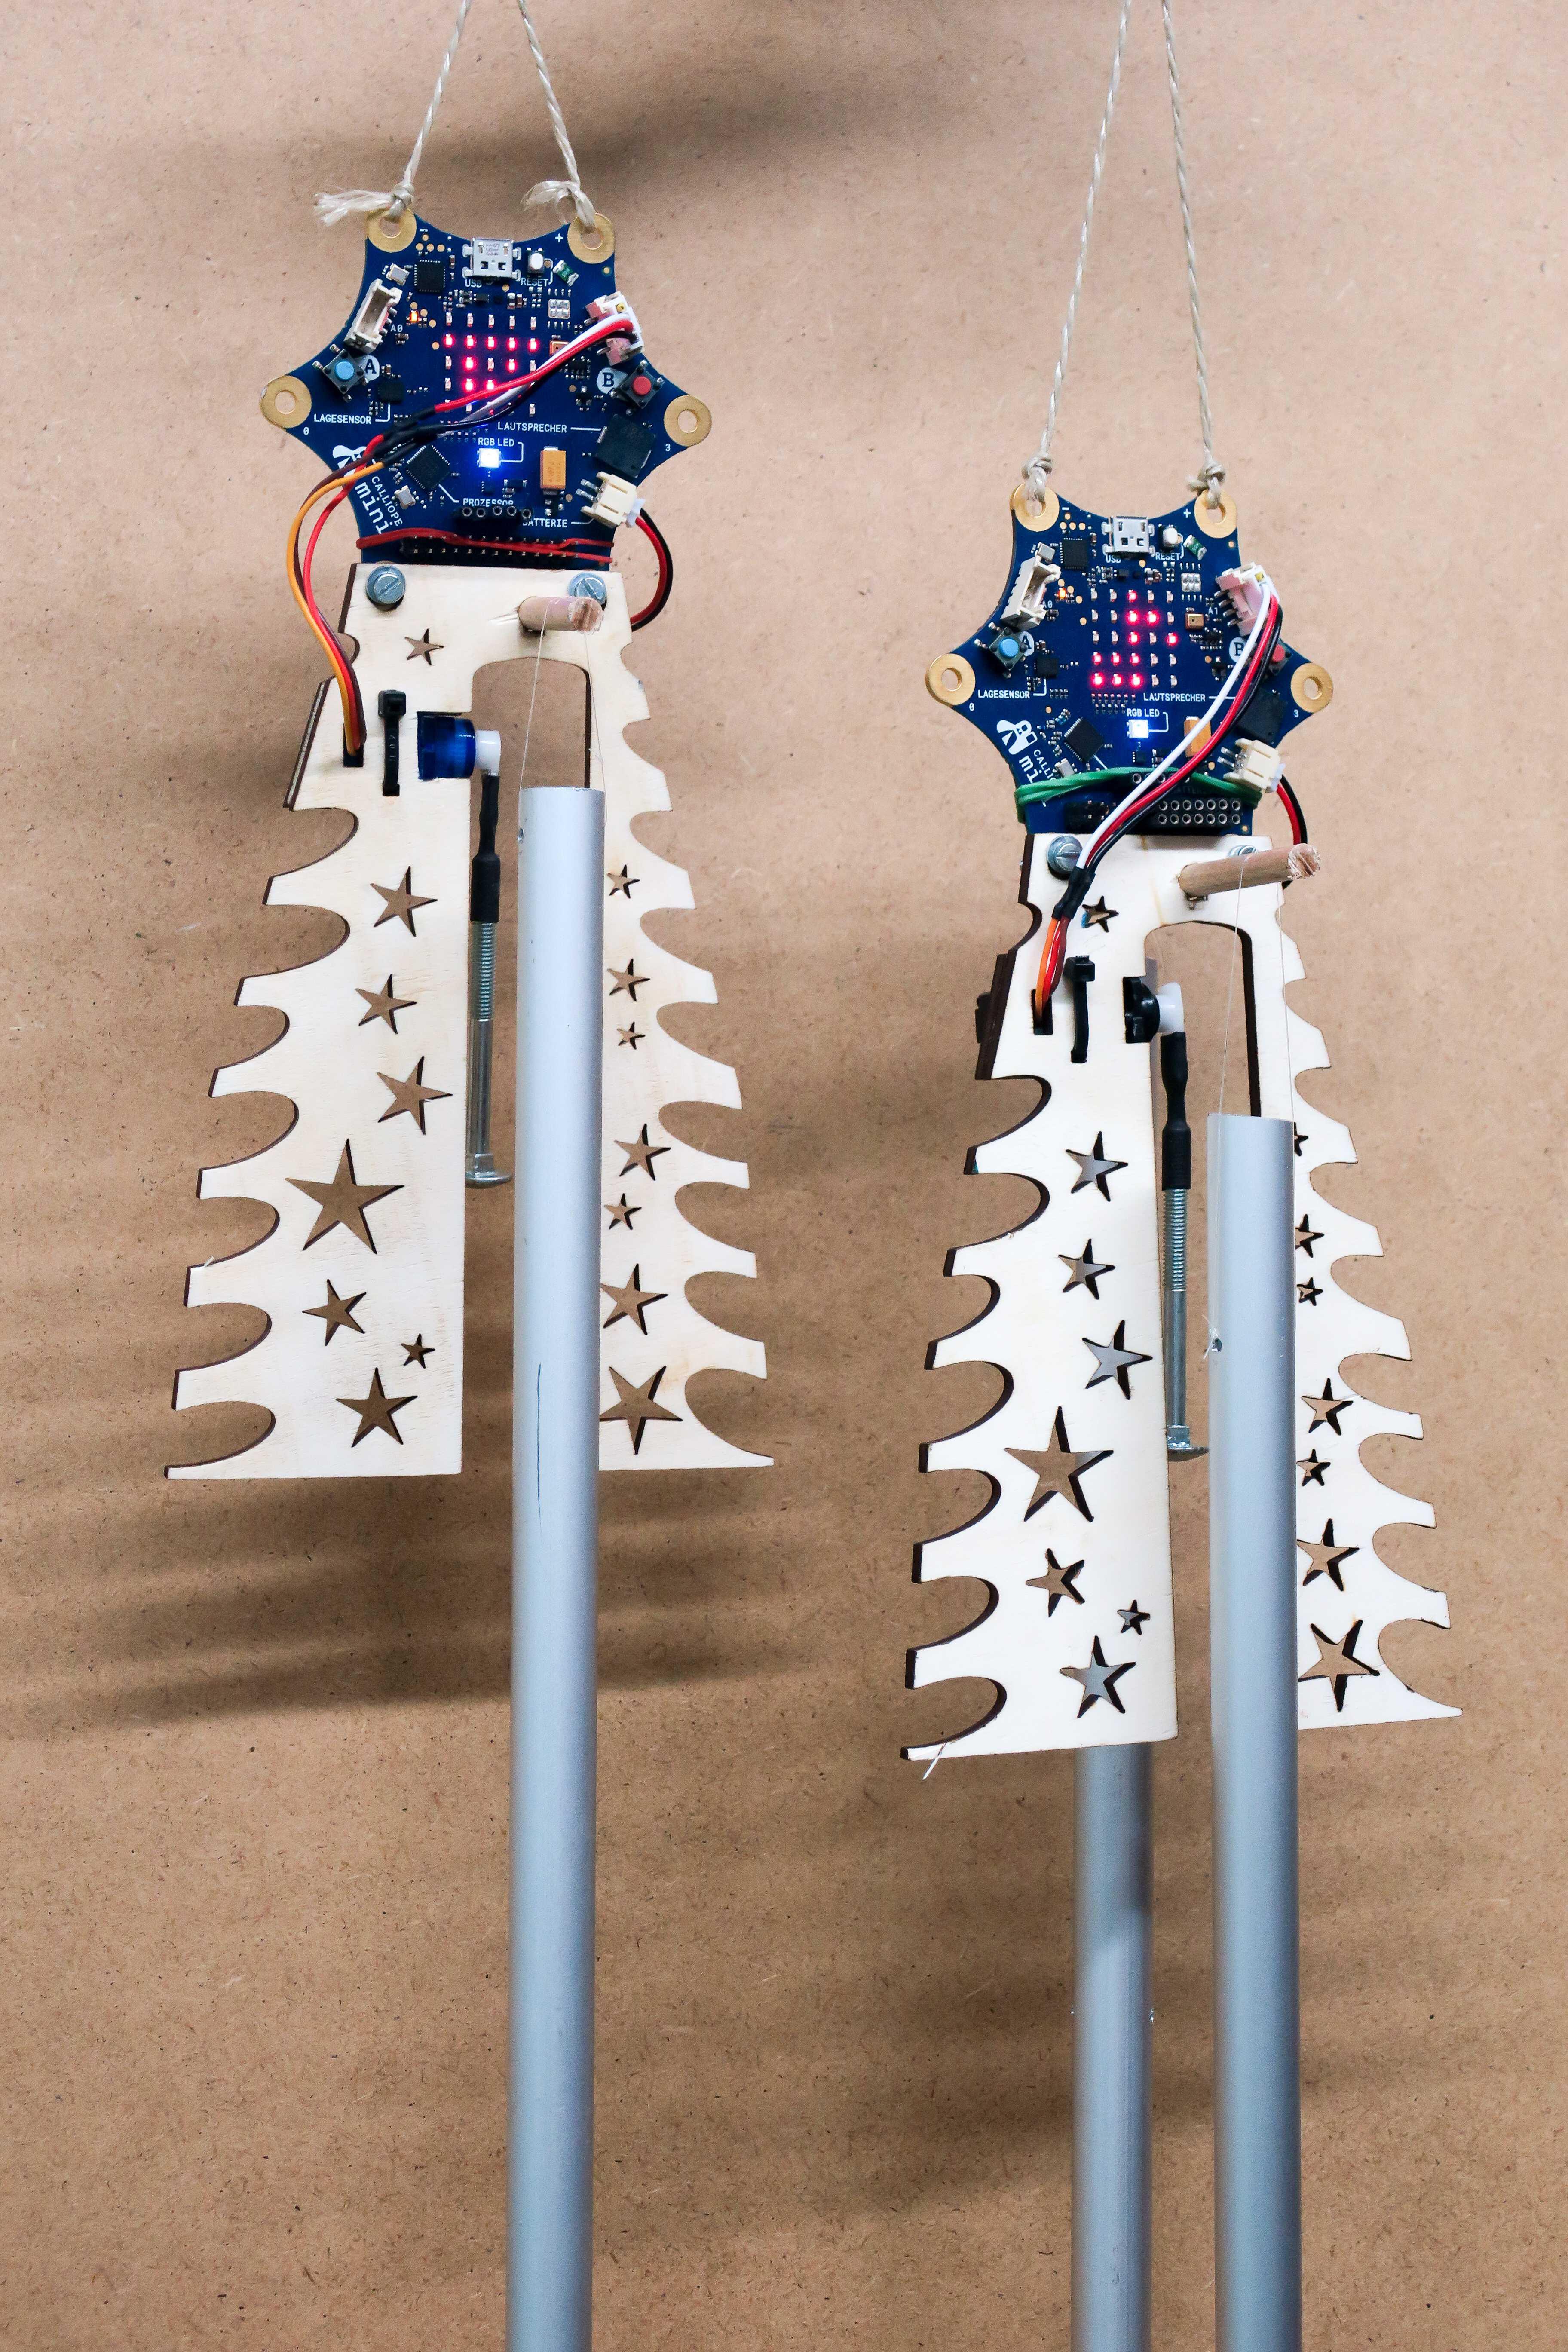 Zwei Calliope mini mit Glockenspiel-Anhänger